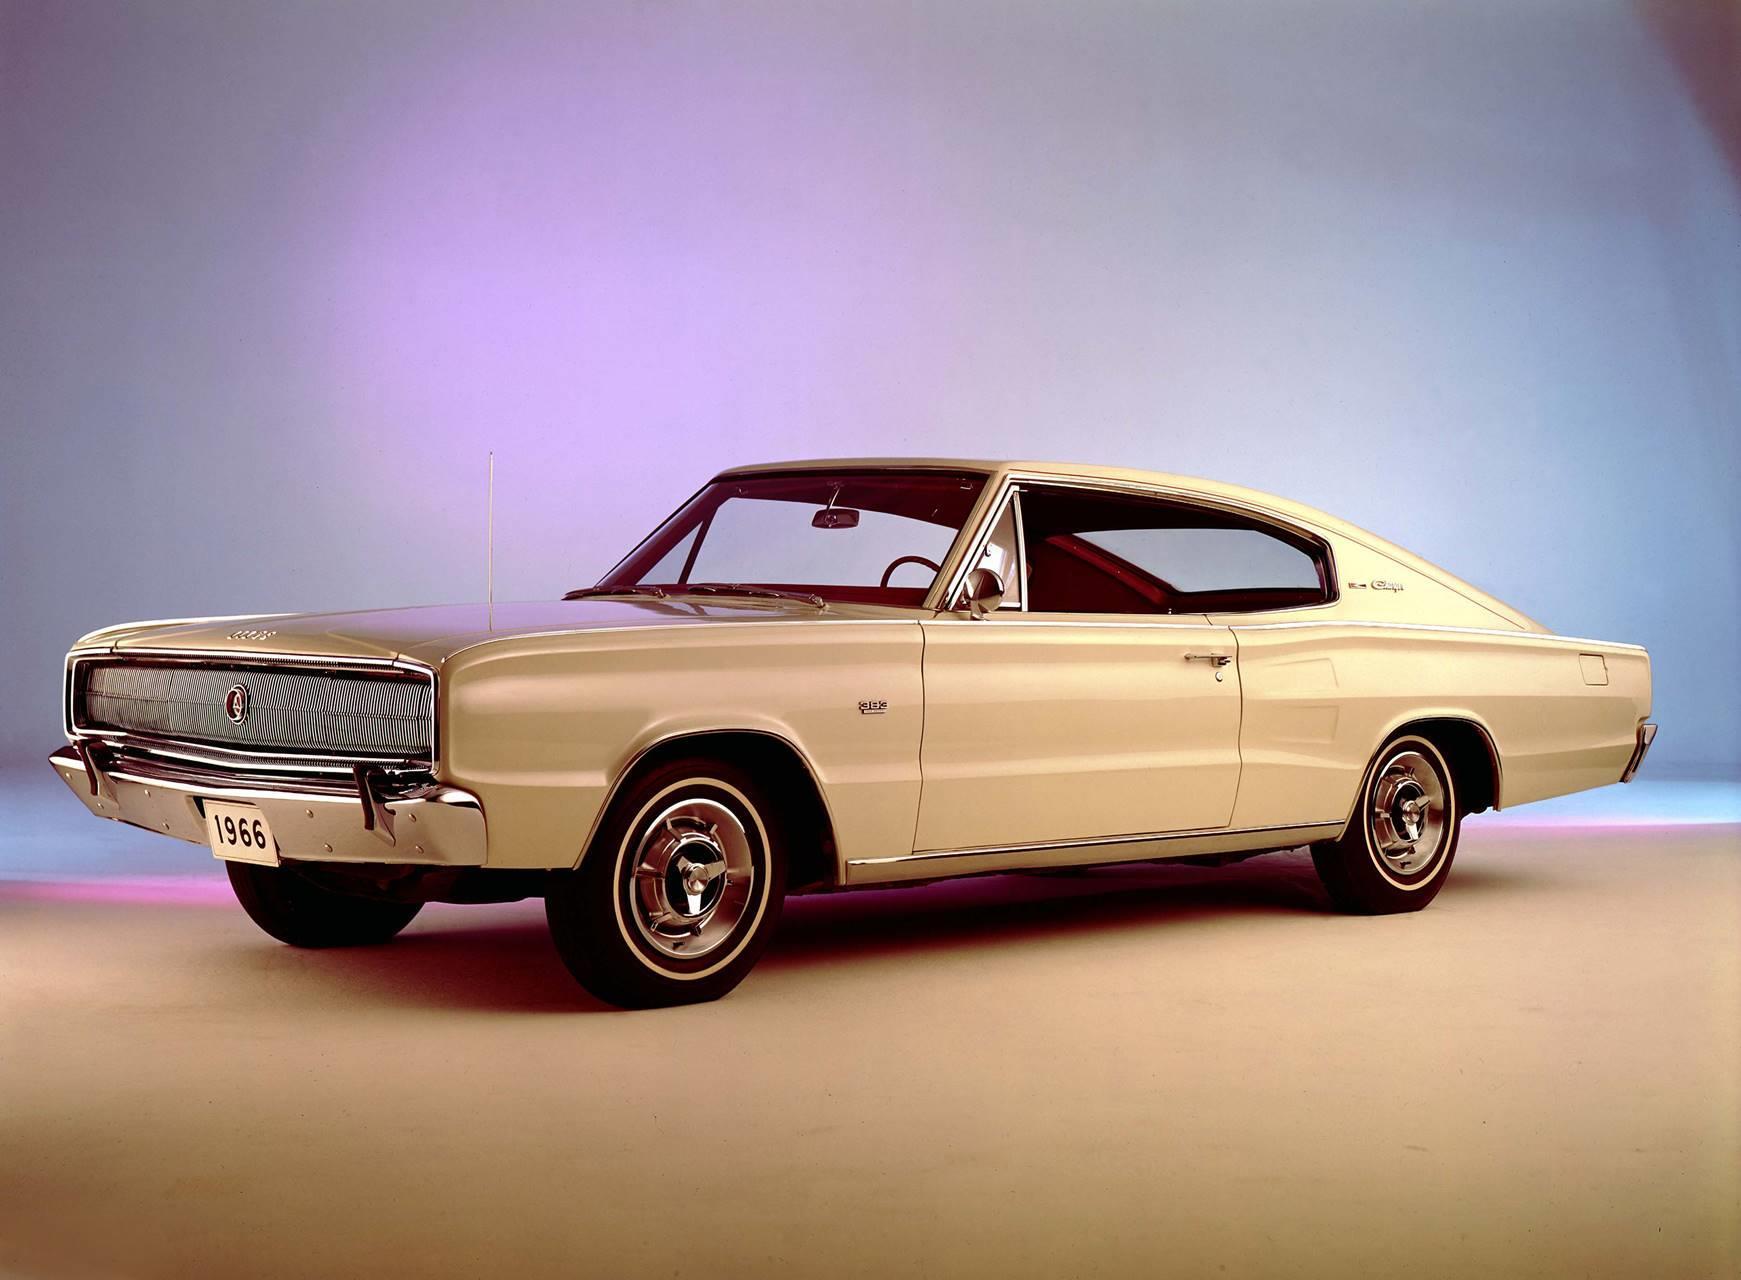 1966 Dodge Charger Conceptcarz Com